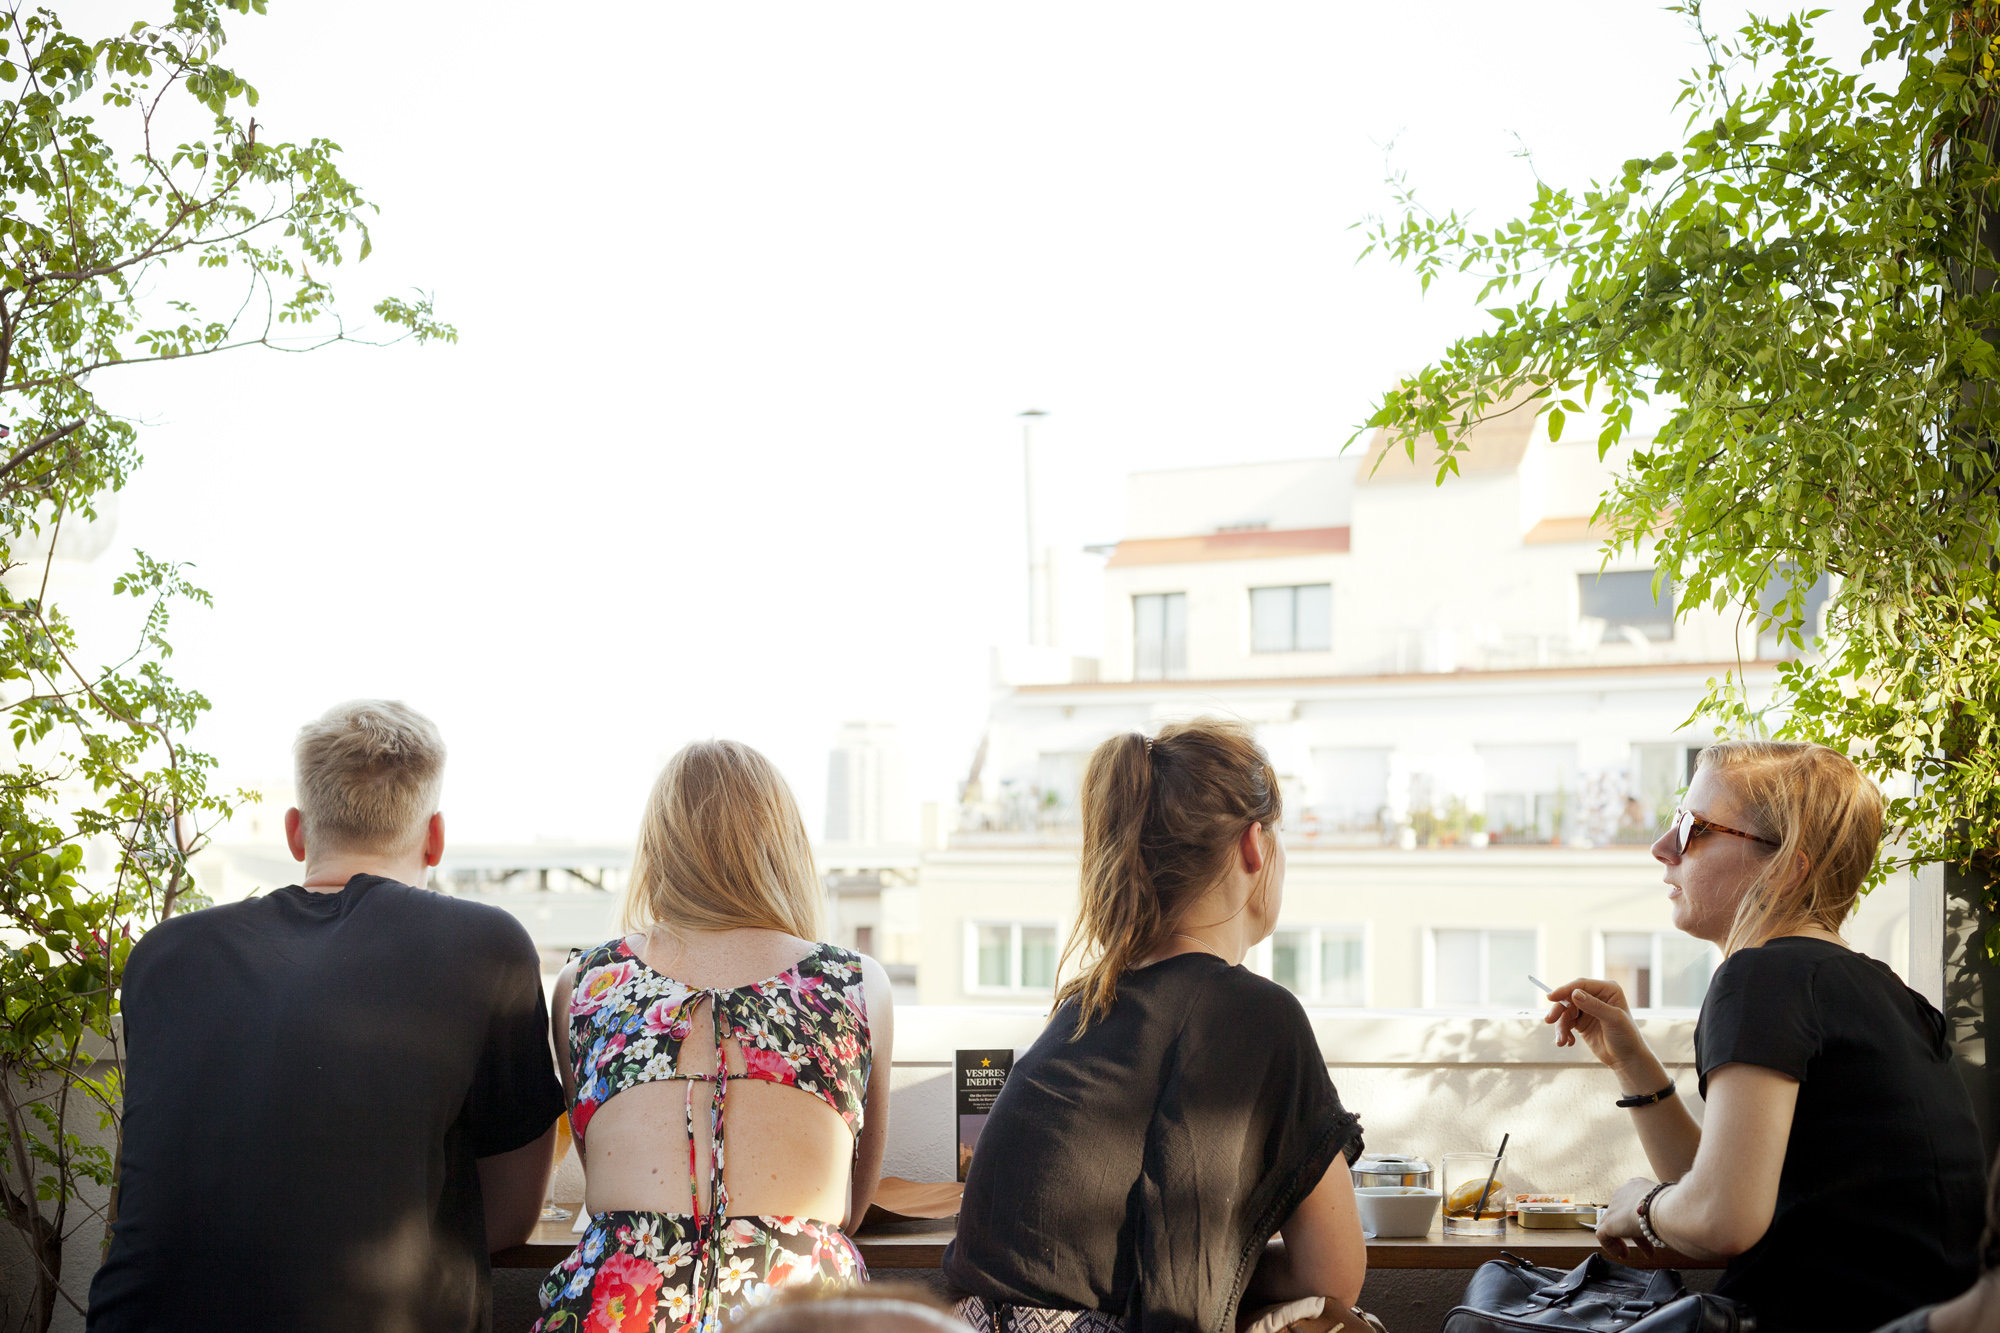 La terraza del Hotel Pulitzer, un oasis en medio de la ciudad